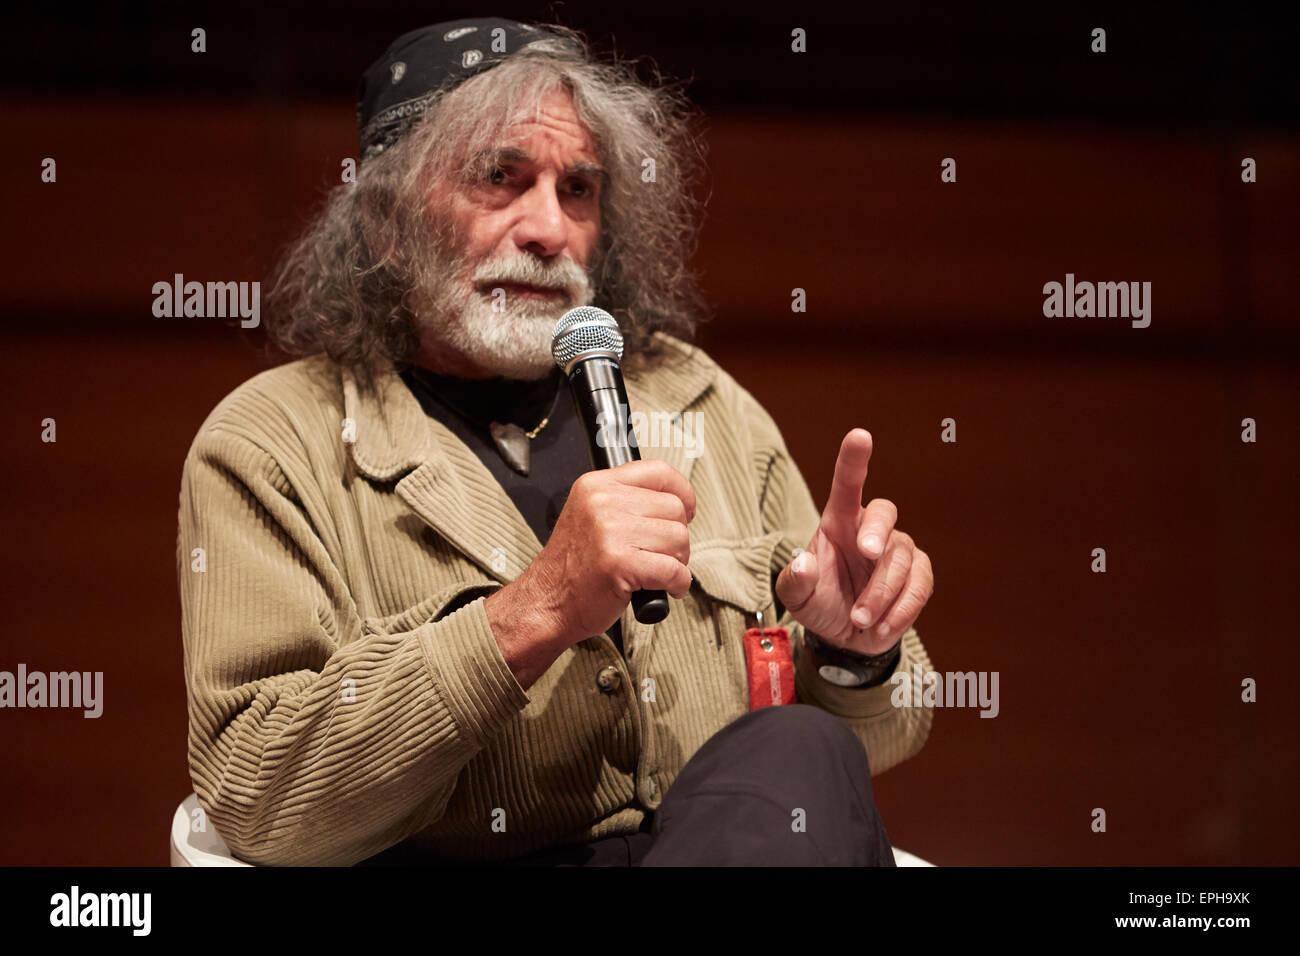 Scrittore Mauro Corona al Salone del Libro, fiera internazionale del libro il 17 maggio 2015 a Torino, Italia Immagini Stock